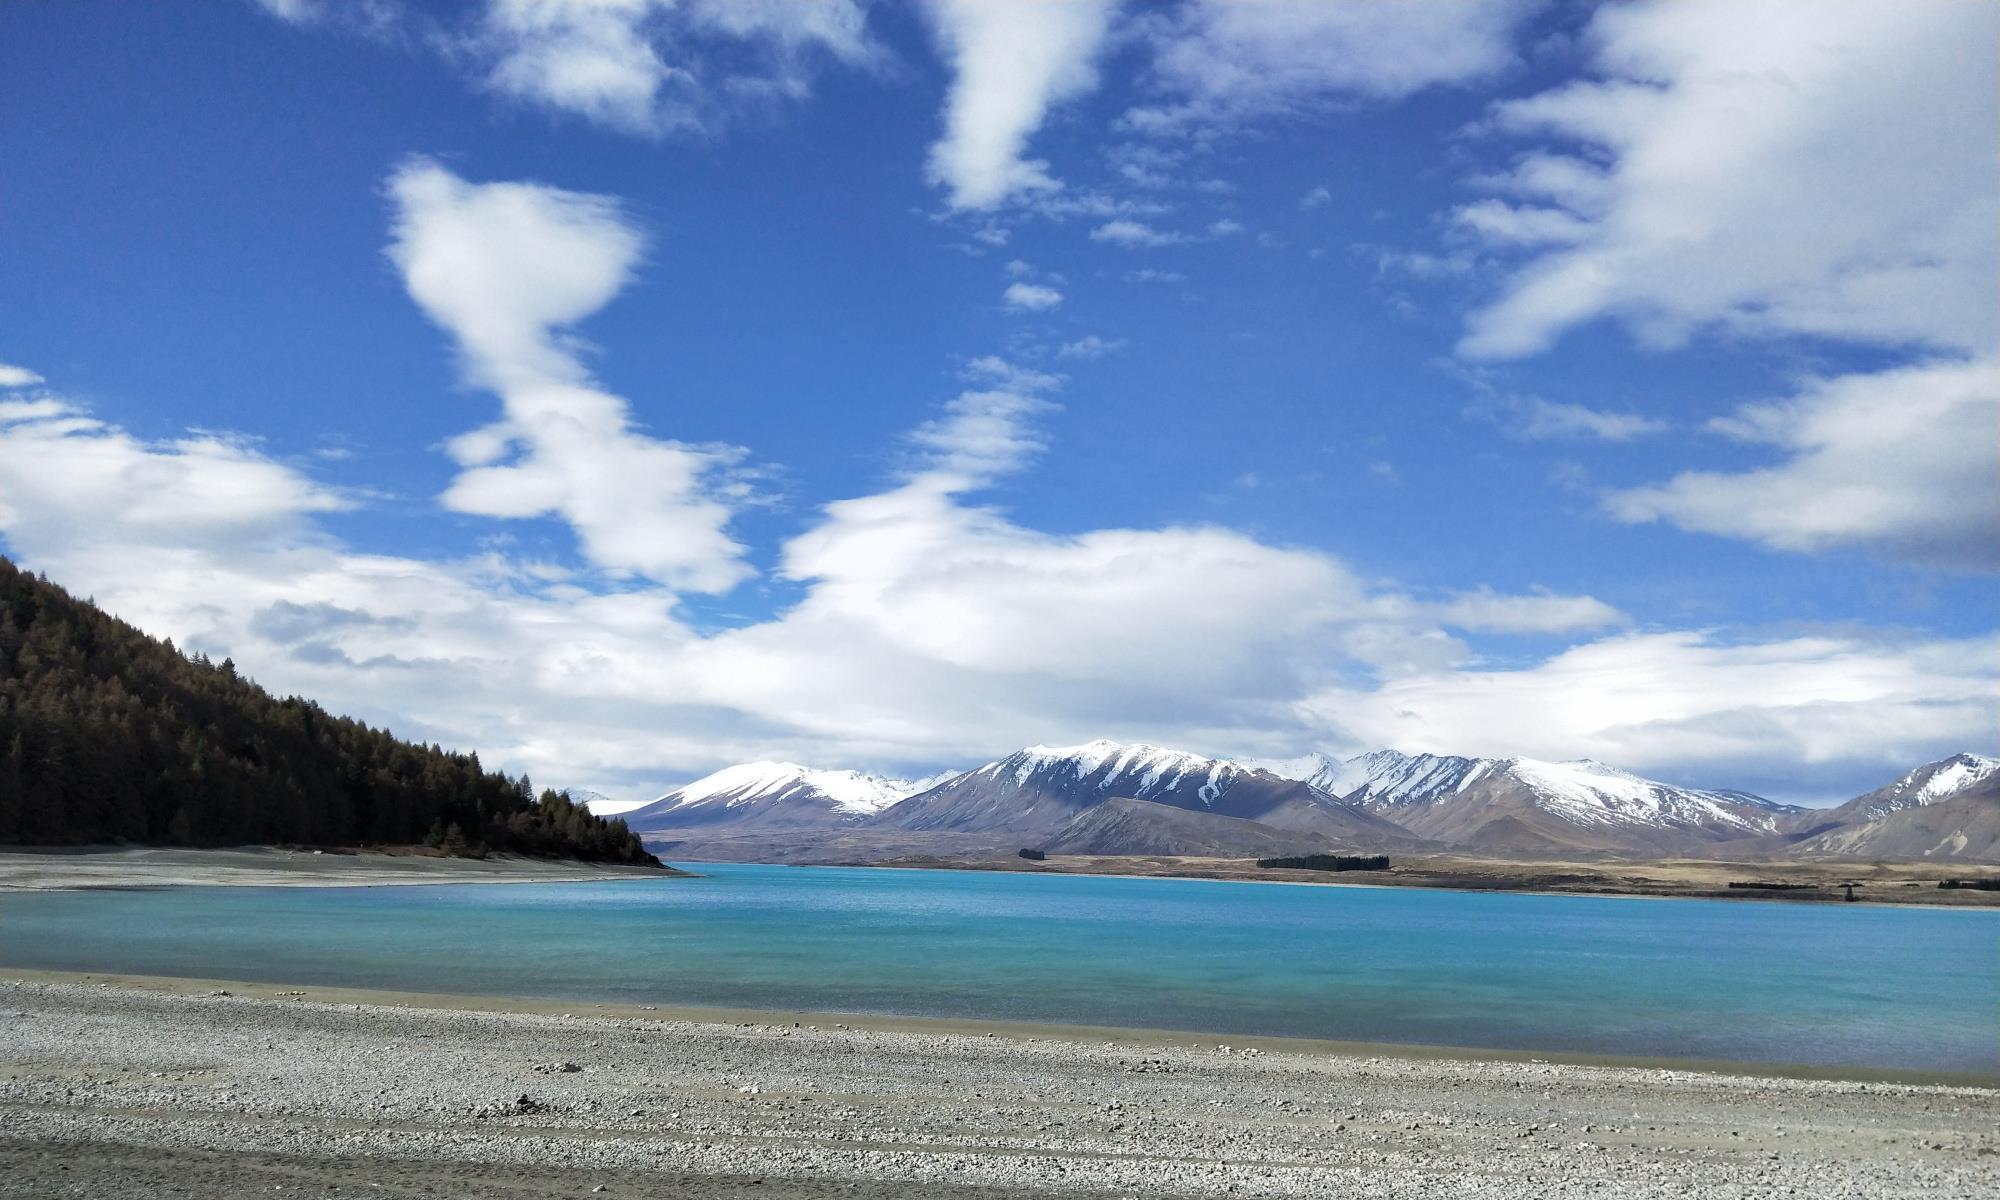 新西兰旅行之特卡波湖小镇,湖光山色美景星空,网红必去的打卡地